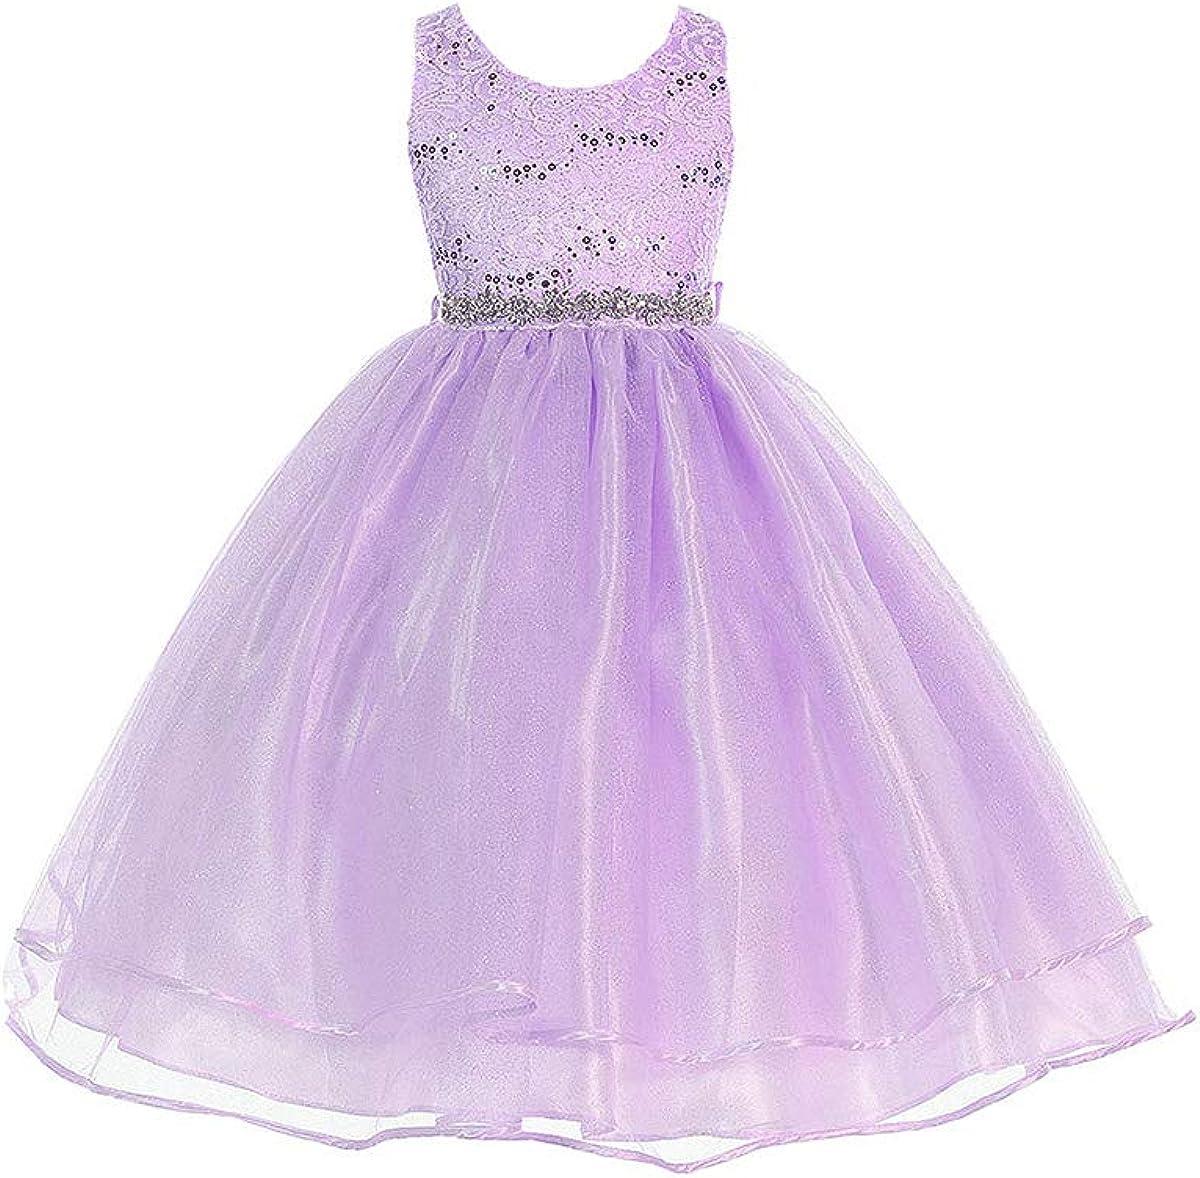 Audrey Bean Flower Lace w/Sequins Glitter Mesh Skirt & Belt